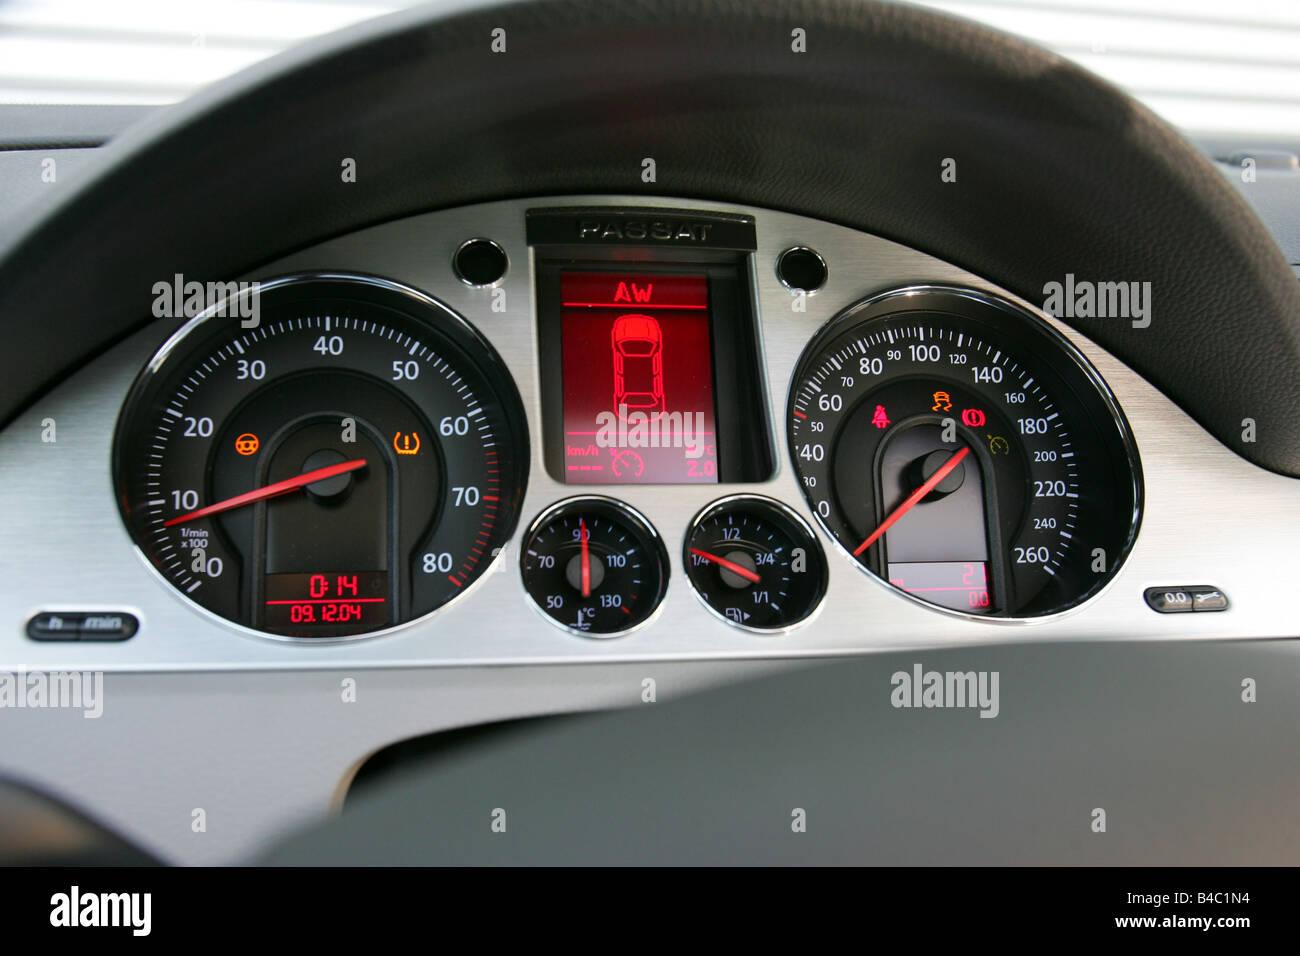 Auto cockpit erklärung  Armaturen Auto | ambiznes.com